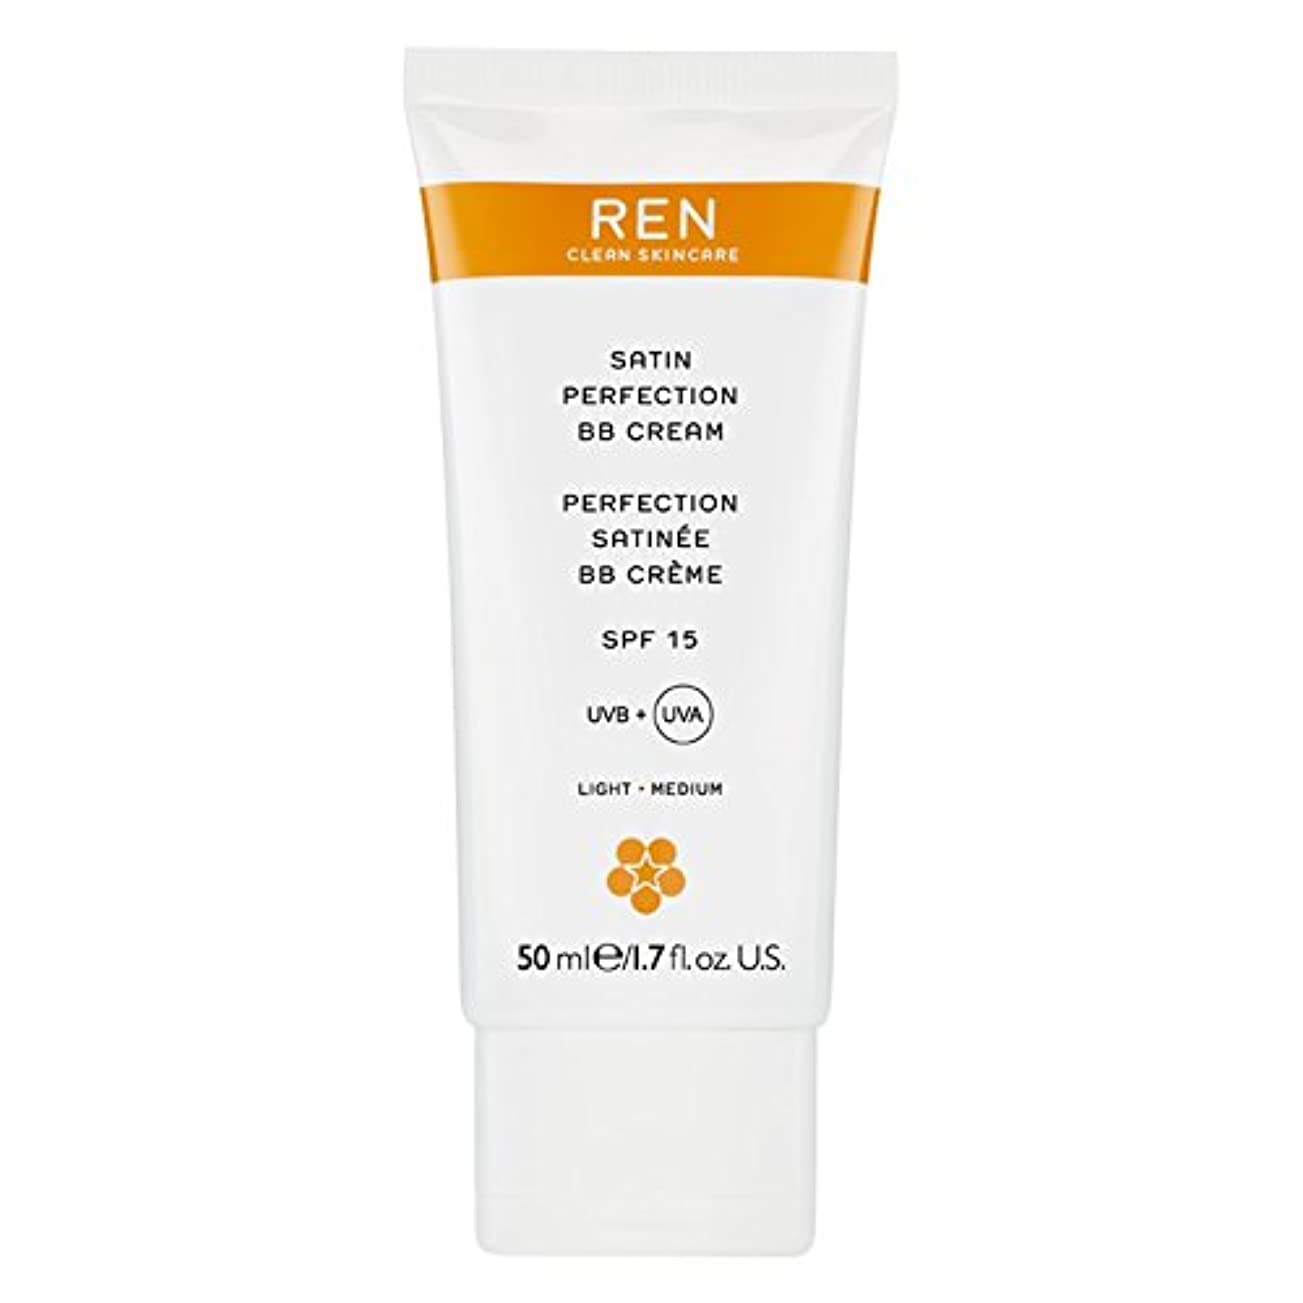 顔料告白する安定したRenサテン完璧Bbクリーム50ミリリットル (REN) (x6) - REN Satin Perfection BB Cream 50ml (Pack of 6) [並行輸入品]